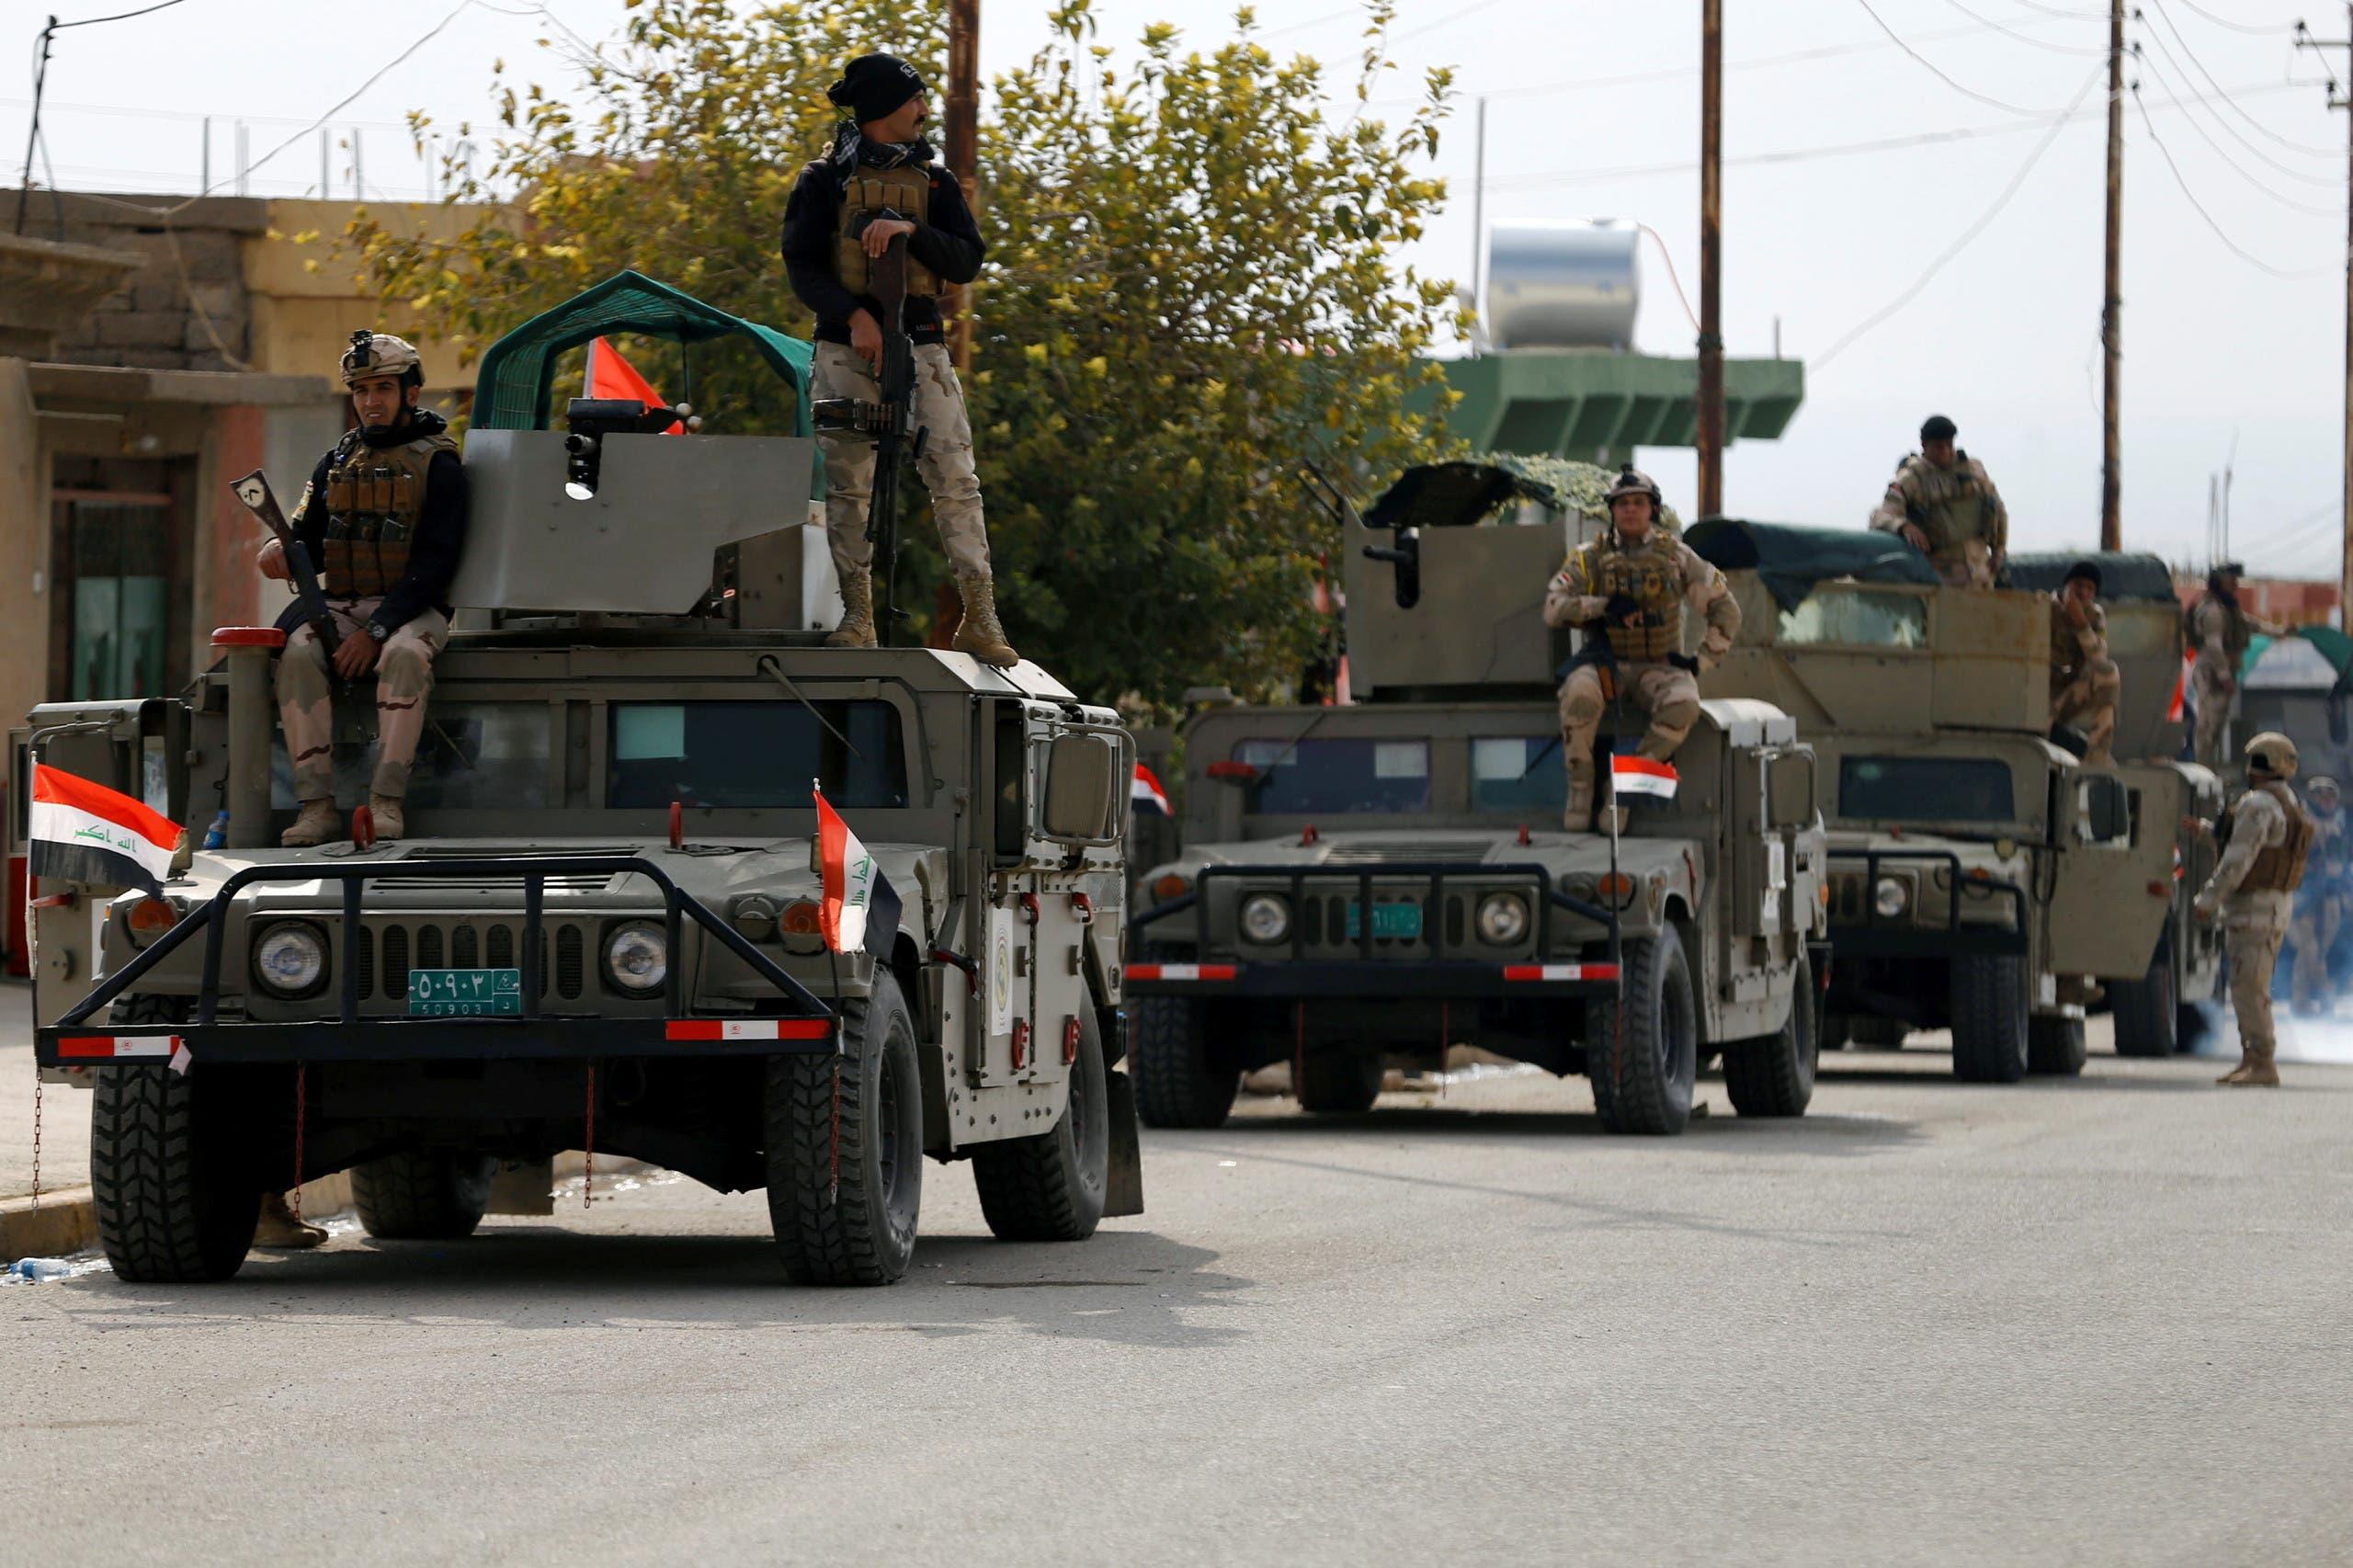 اعضای نیروهای امنیتی عراق